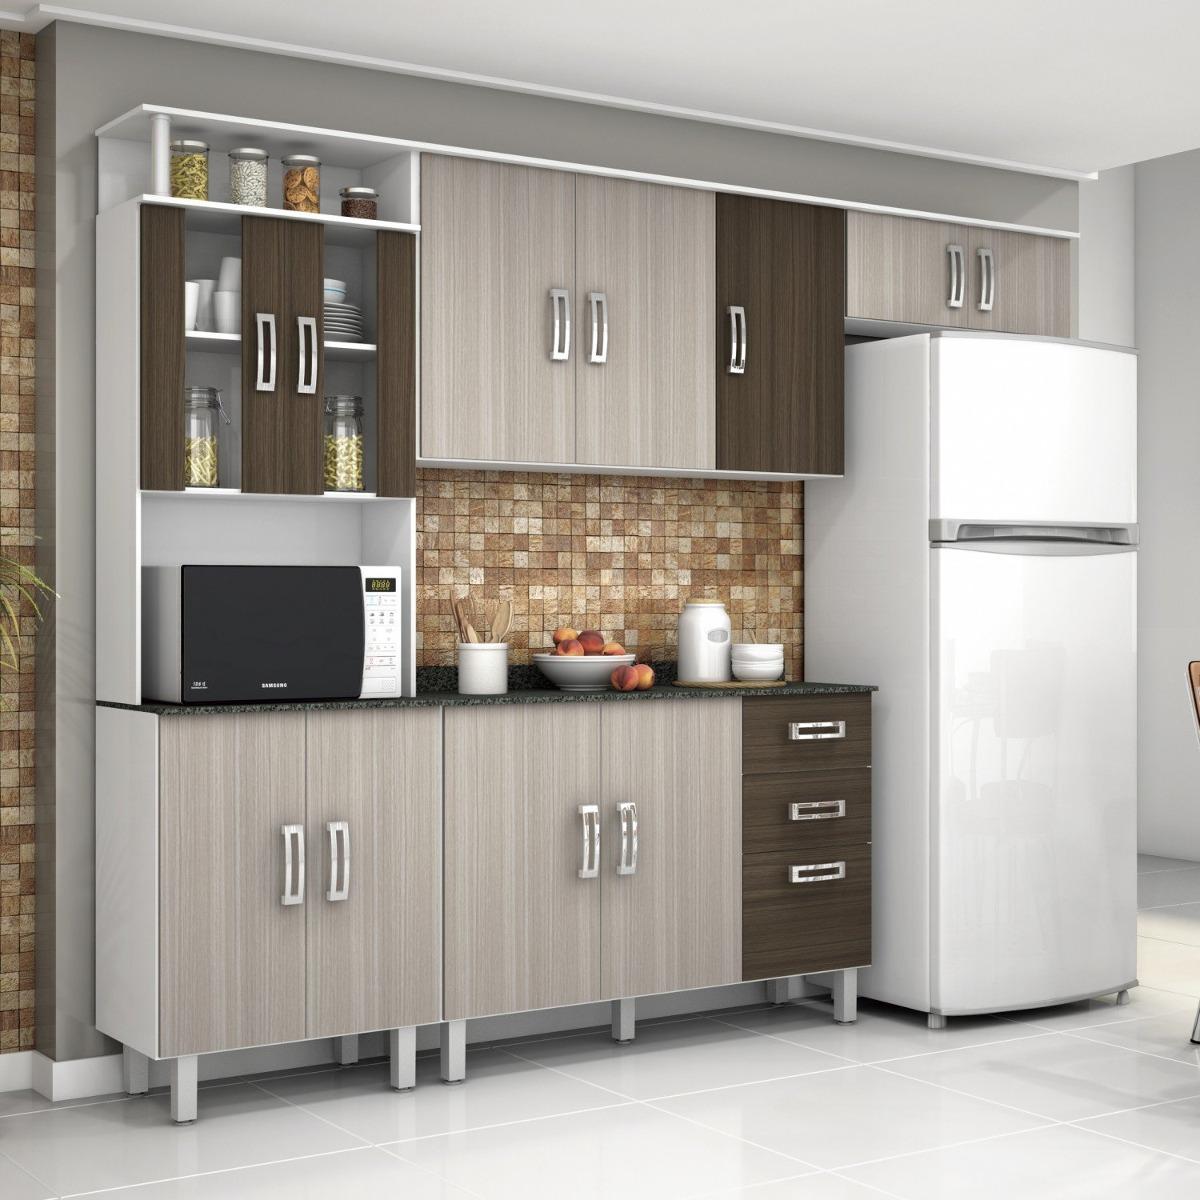 Cozinha Compacta Com Balc O E Tampo 4 Pe As Su A Fdwt R 575 90